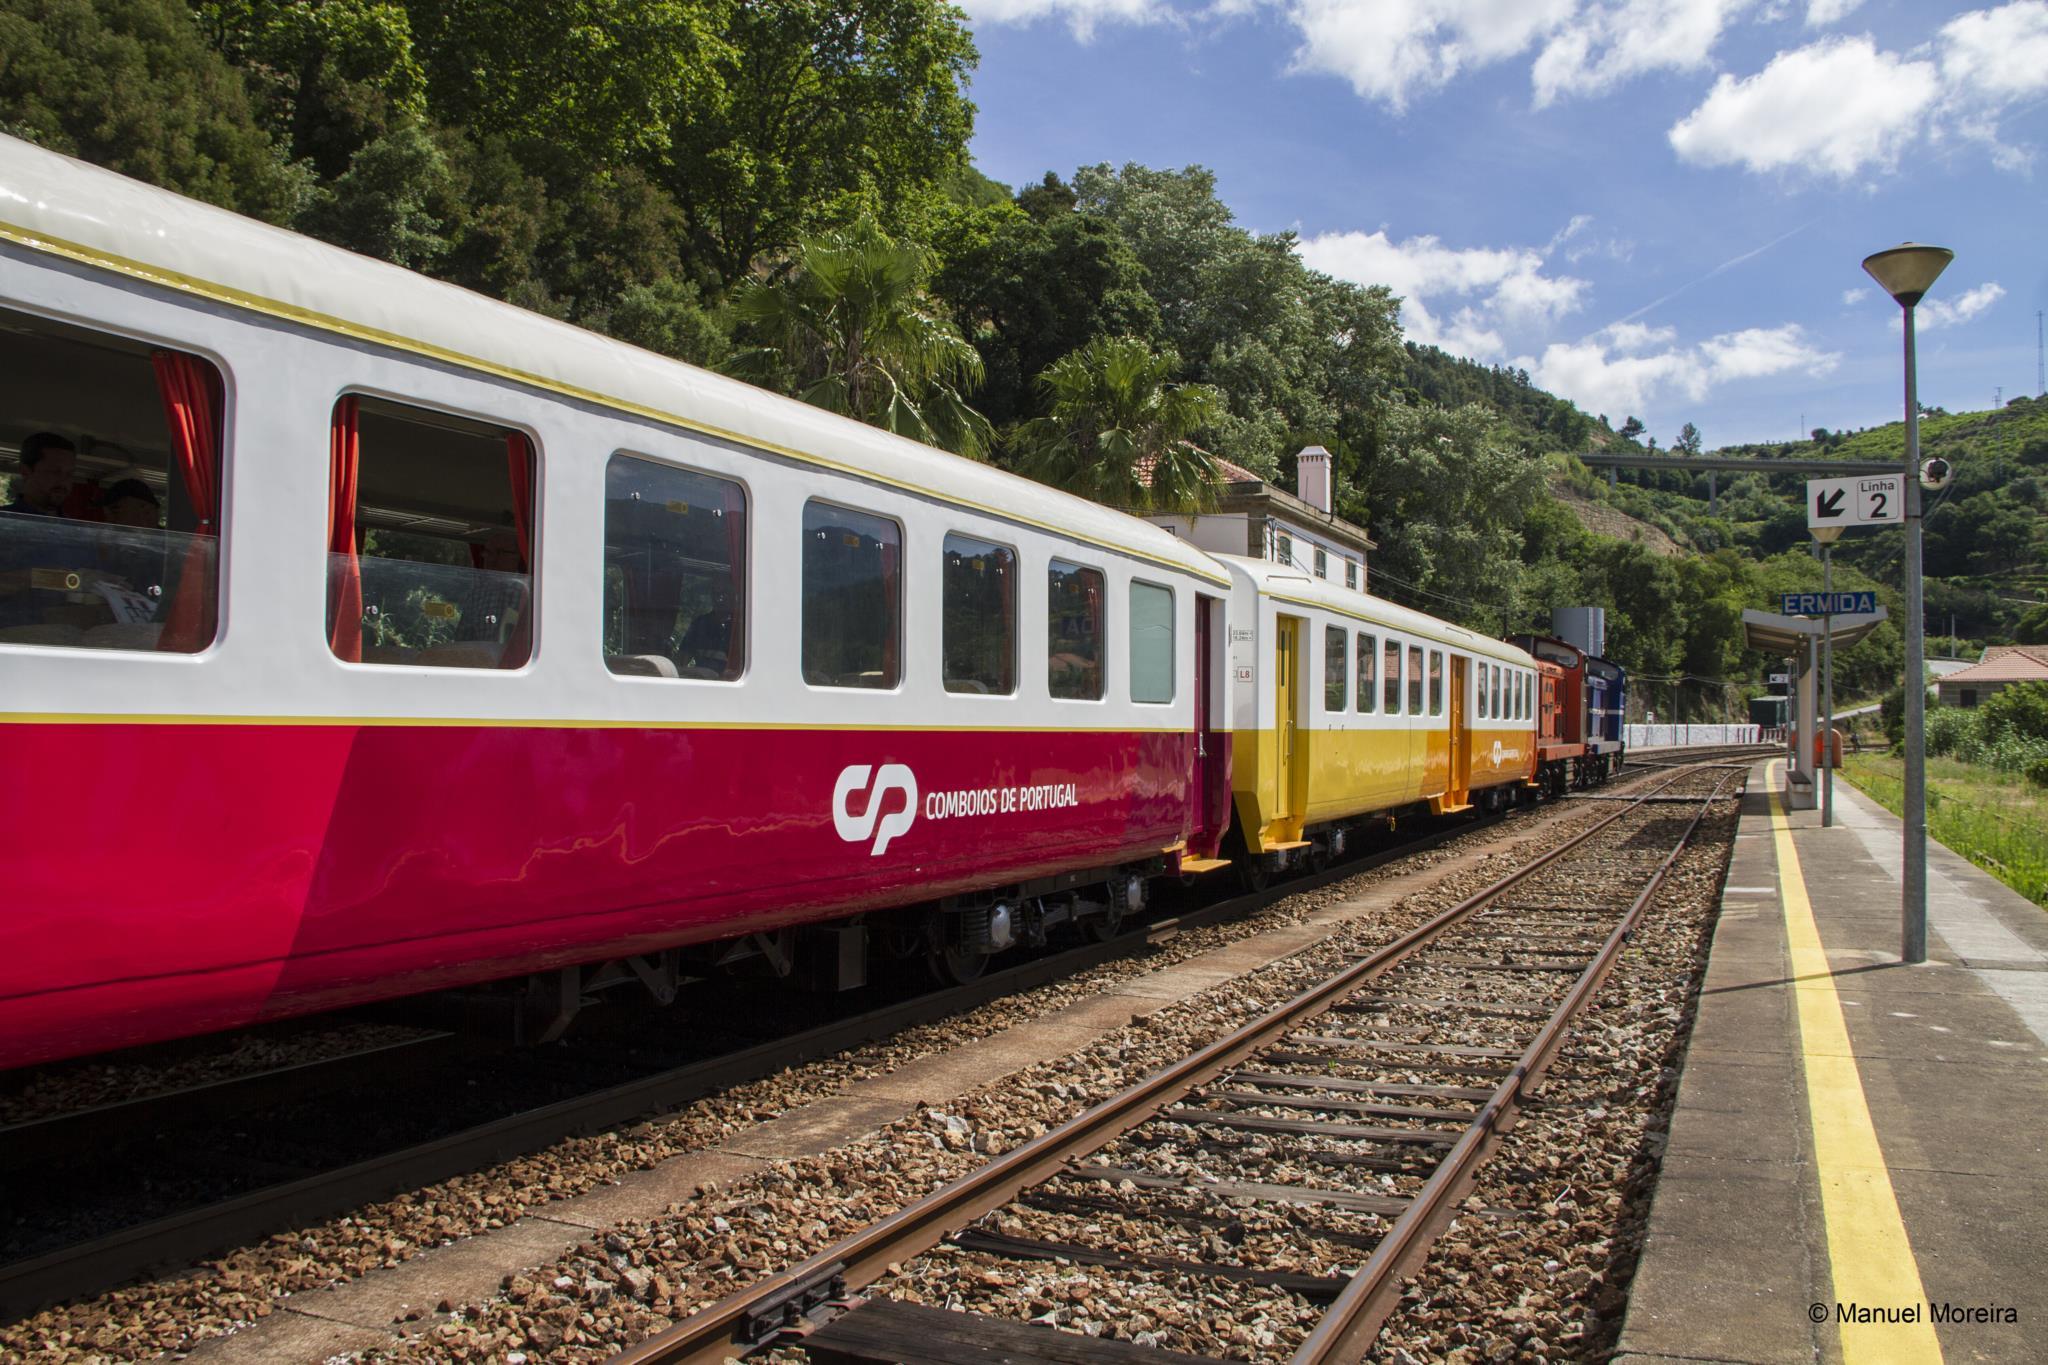 PÚBLICO - Do Porto à estação do Tua, num comboio dos anos 40